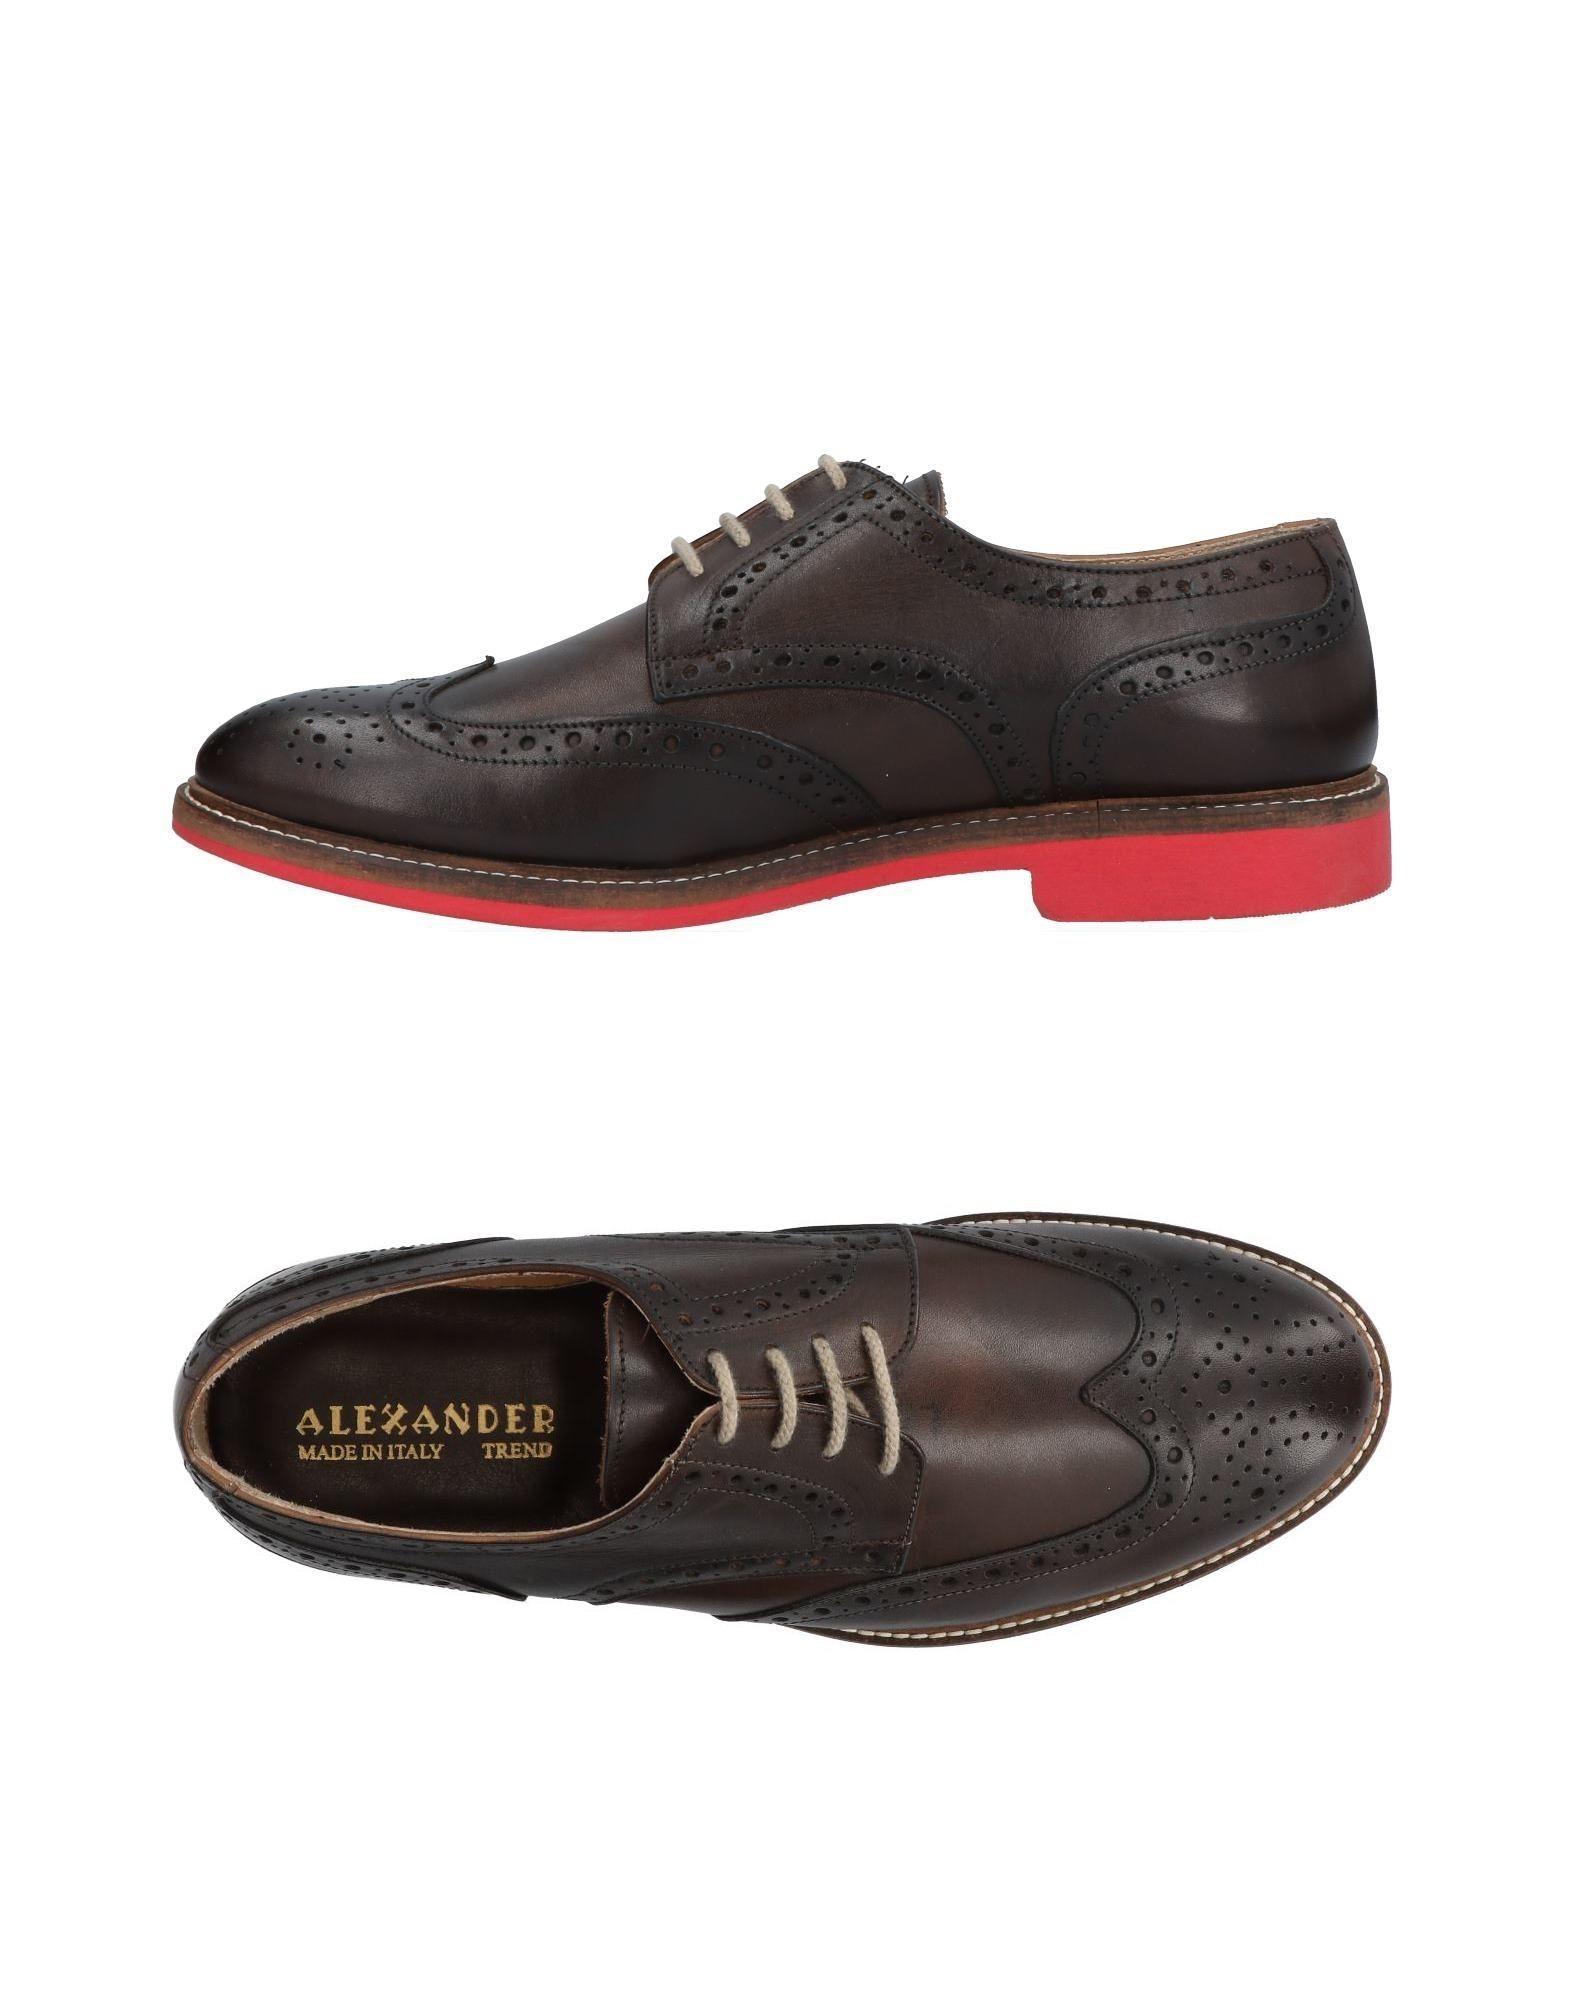 Stringate Alexander Trend Uomo - Acquista online su